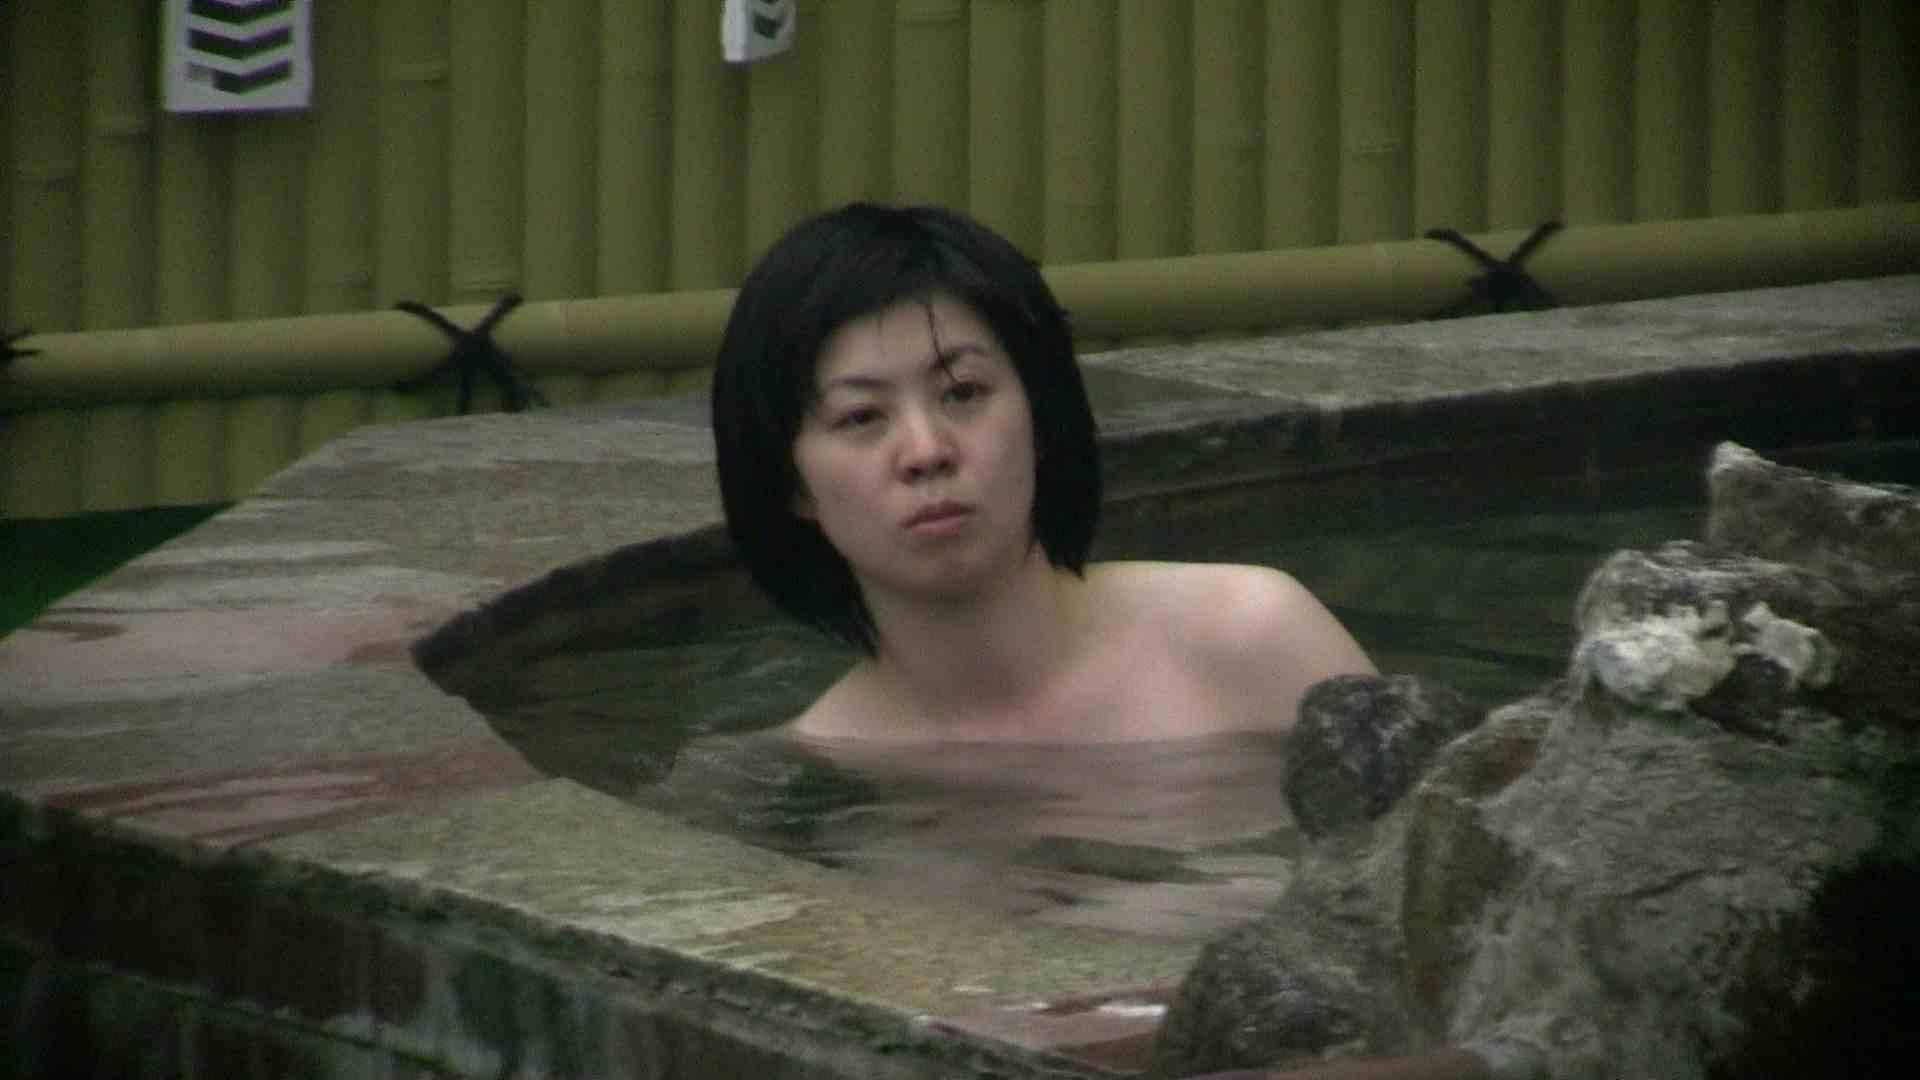 Aquaな露天風呂Vol.685 美しいOLの裸体 スケベ動画紹介 88pic 26